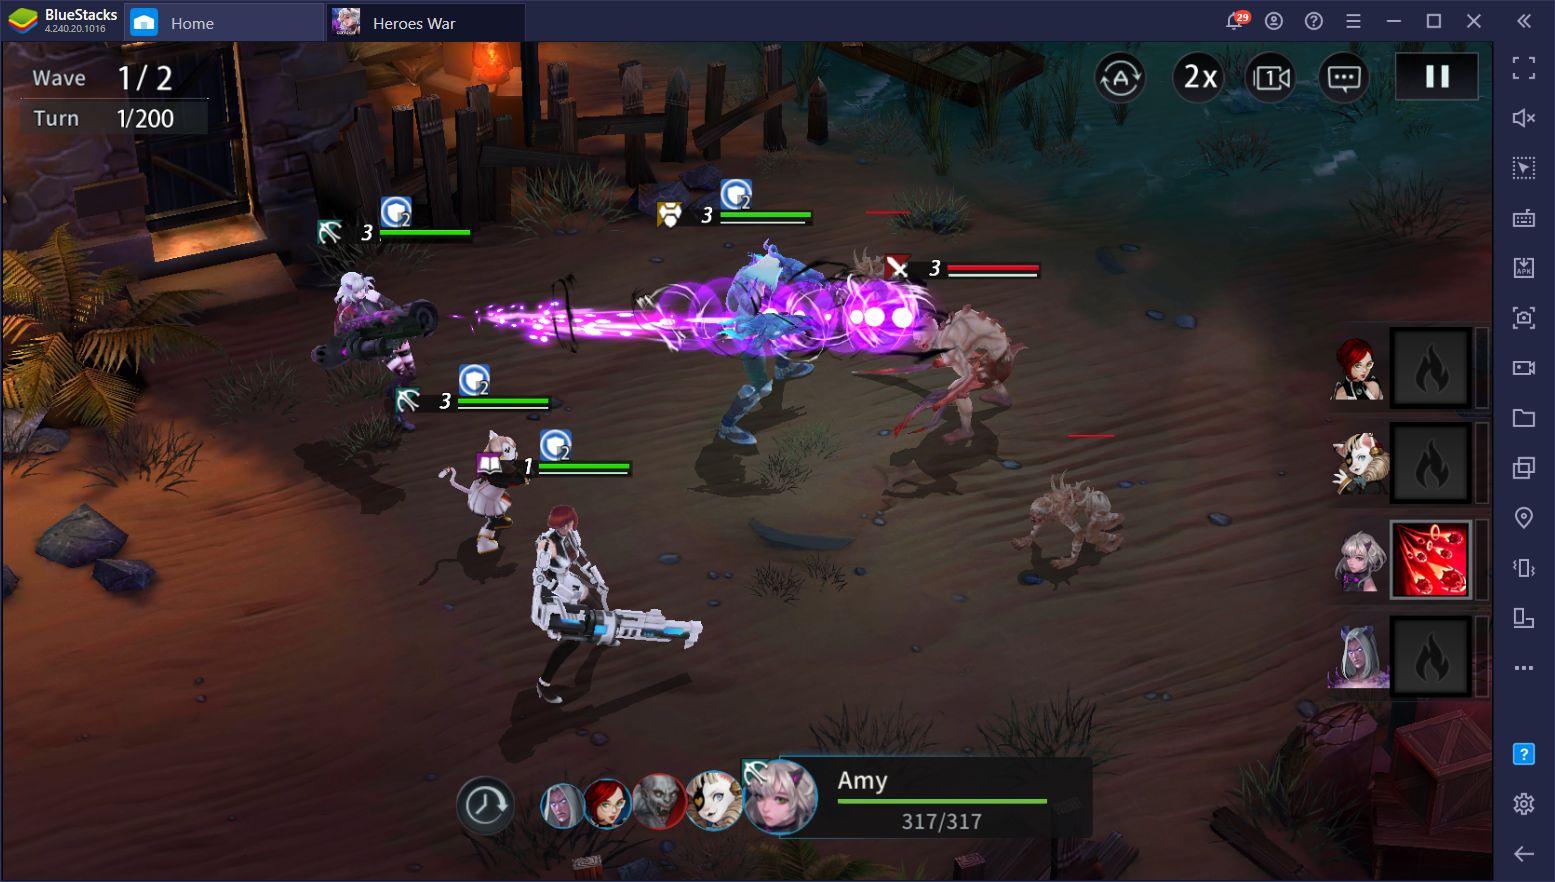 Heroes War: Counterattack en PC – Cómo Jugar el Juego de Estrategia de Com2Us Más Reciente en tu Computador